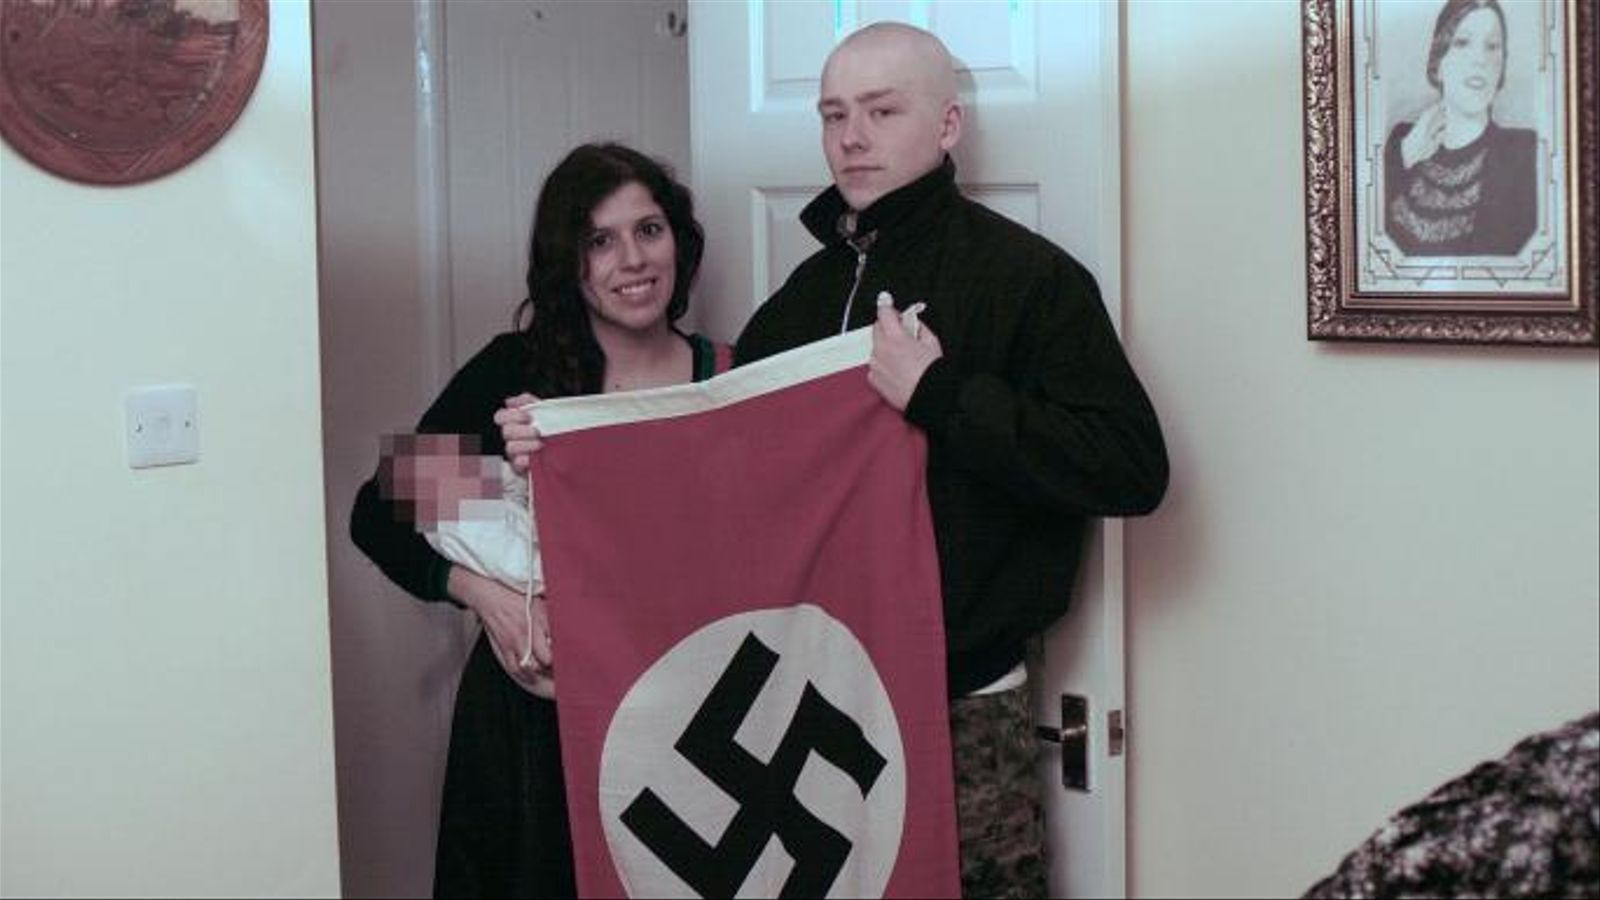 Els dos joves amb la criatura mostrant una bandera nazi